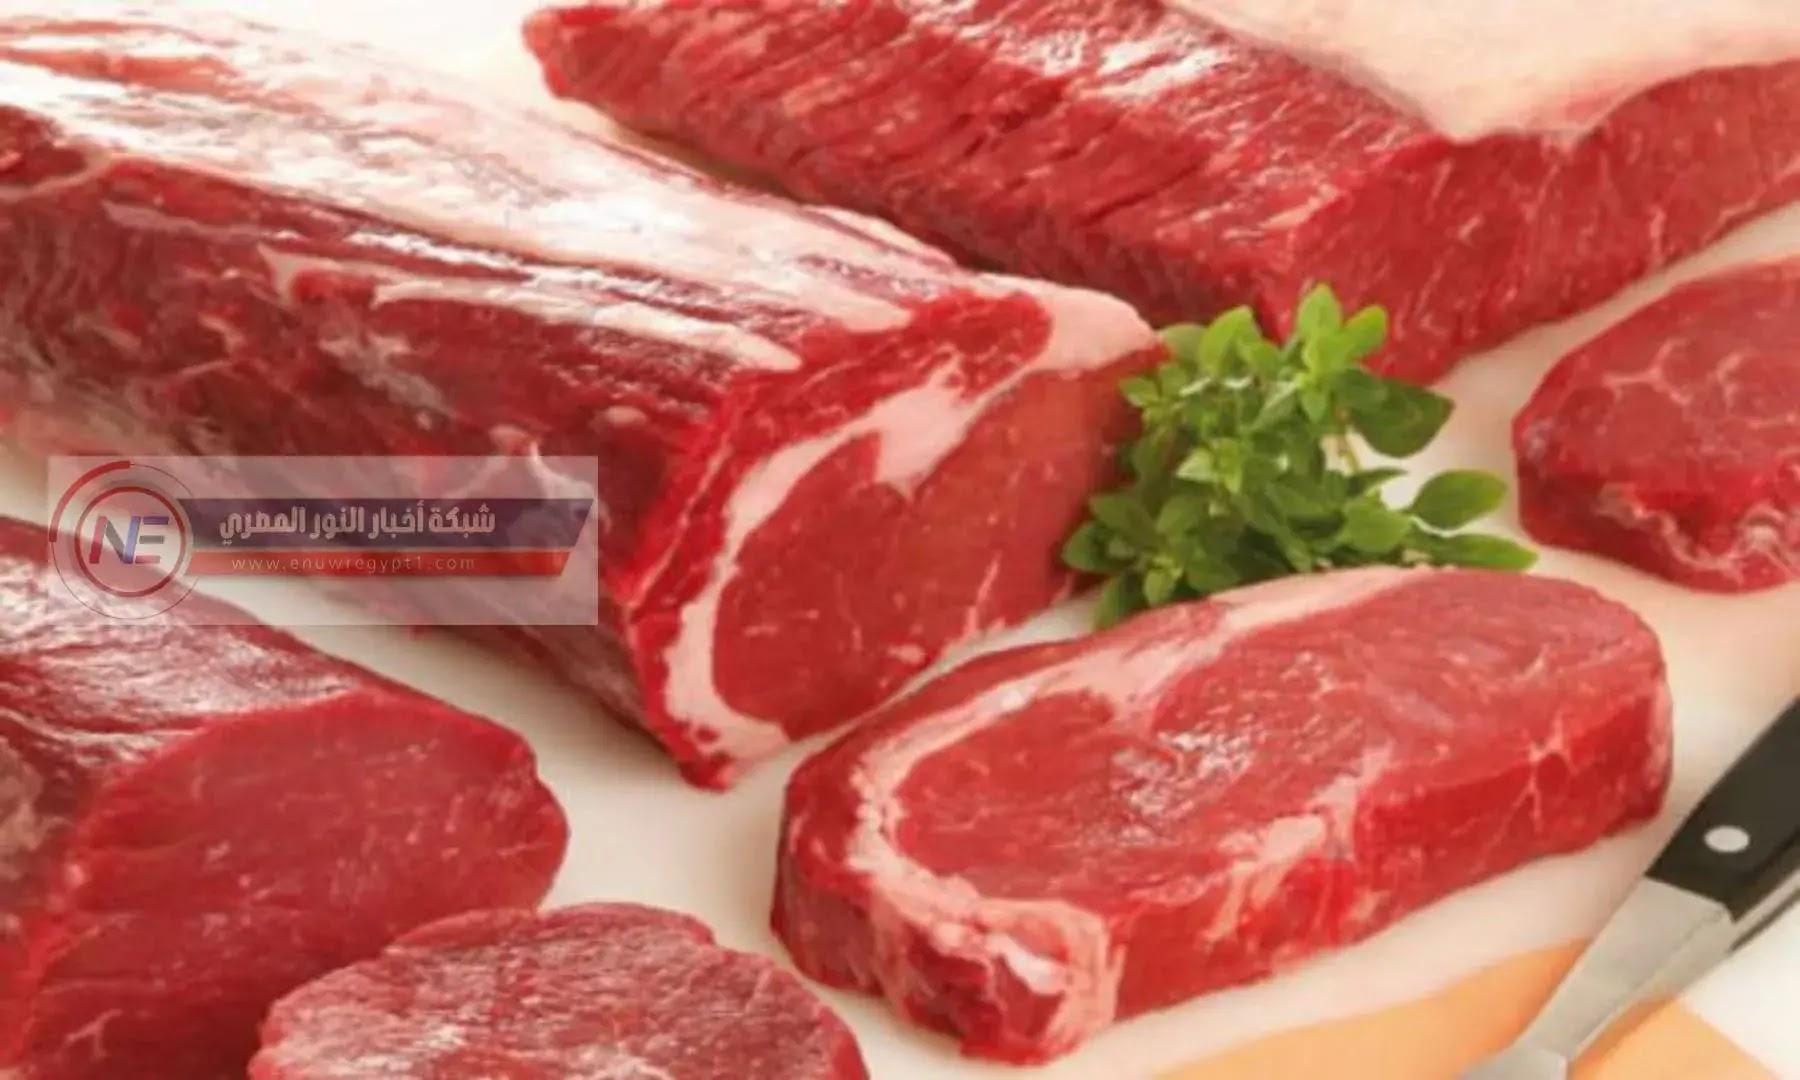 تحديث يومى.. أسعار اللحوم البلدى اليوم بمحلات الجزارة في شهر رمضان 1442 هجرية| اخر سعر اللحمة في مصر 2021